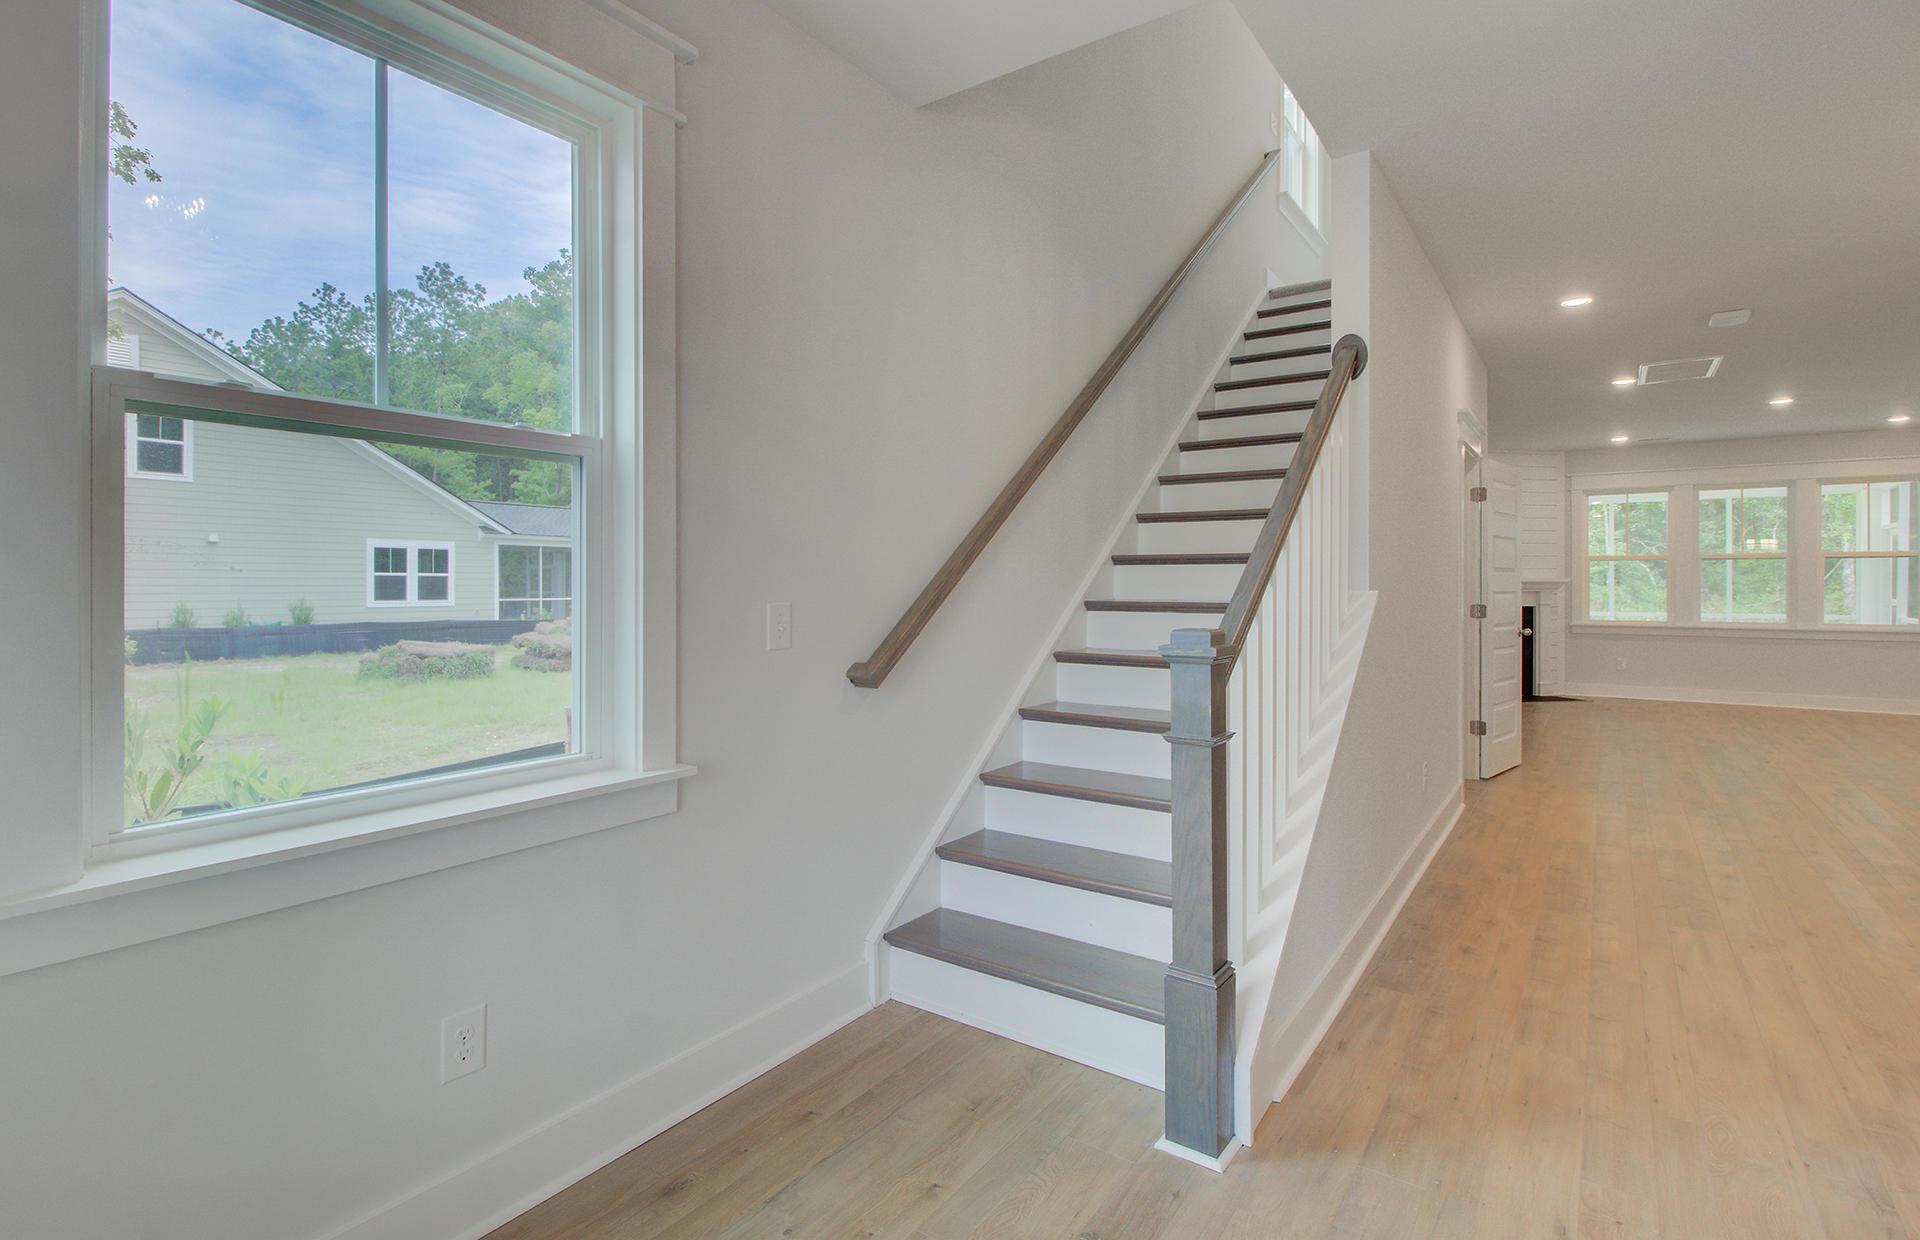 Park West Homes For Sale - 3013 Caspian, Mount Pleasant, SC - 11